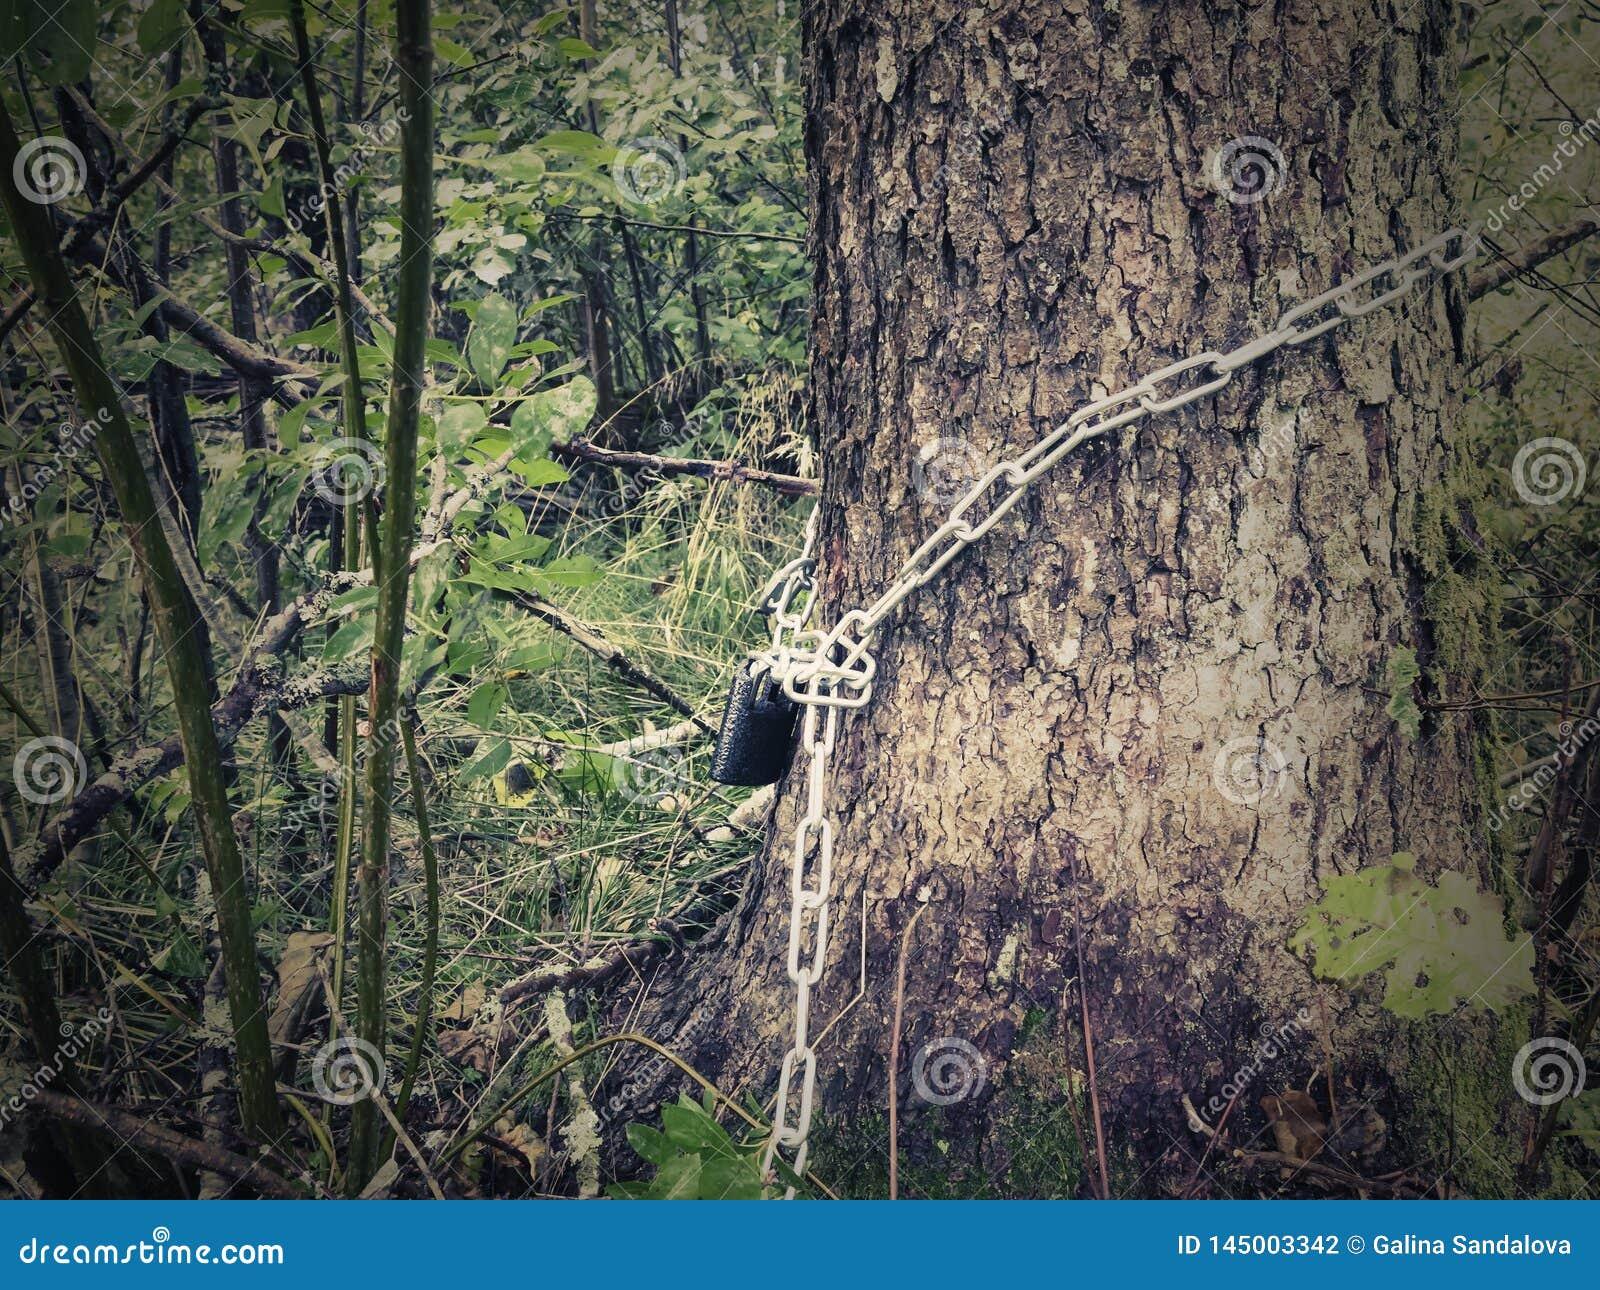 Slåget in runt om en trädstam, är kedjan stängd med en hänglås - begreppet av skyddsskogar och naturen, foto